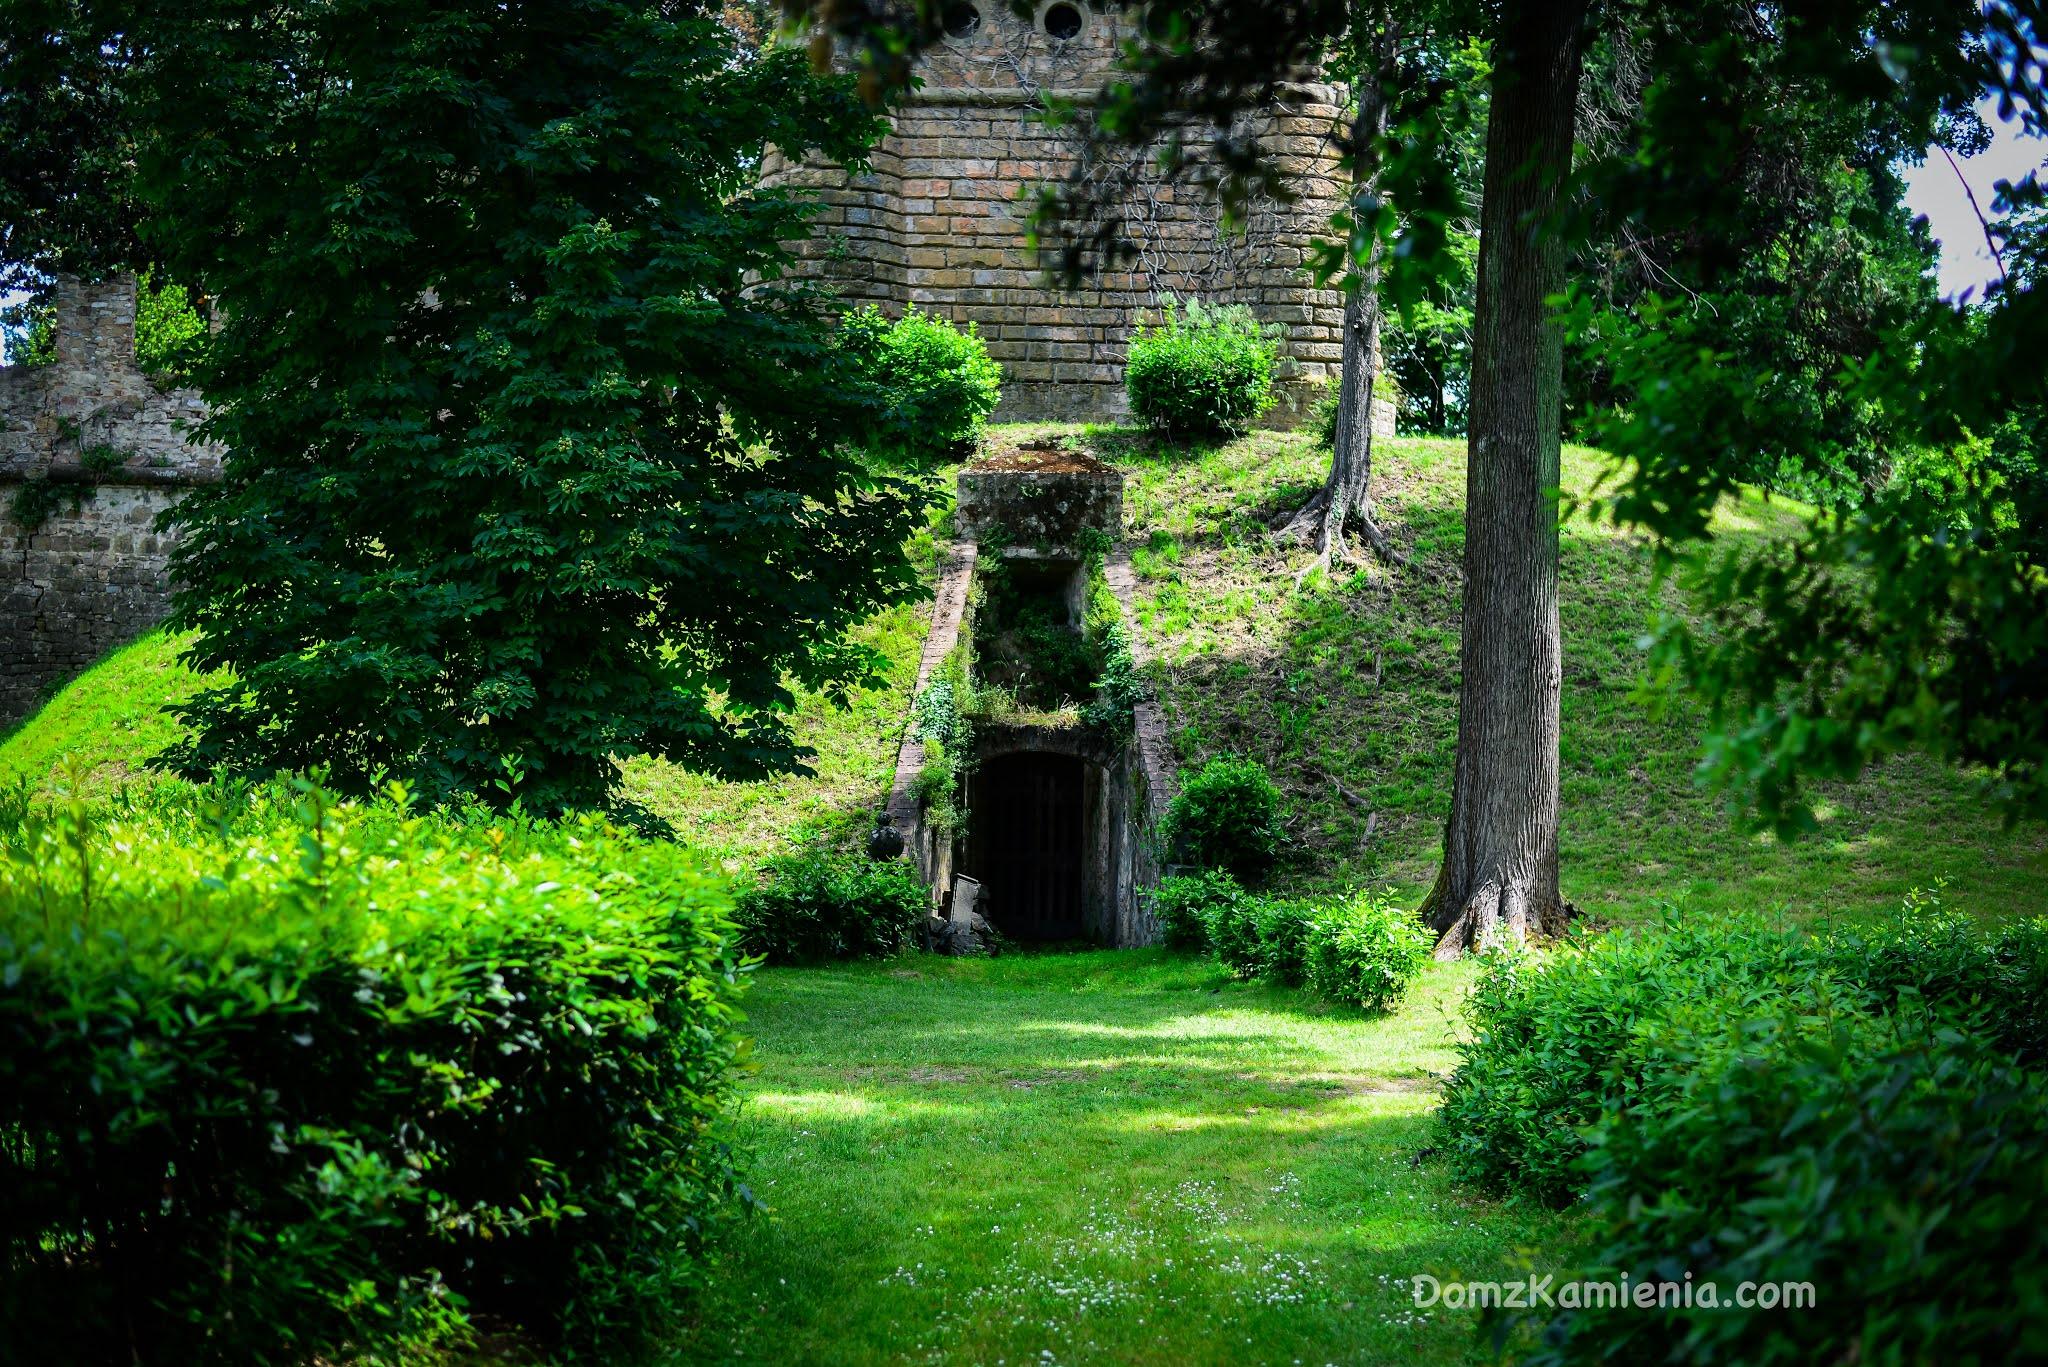 Sekrety Florencji - Dom z Kamienia blog o życiu w Toskanii